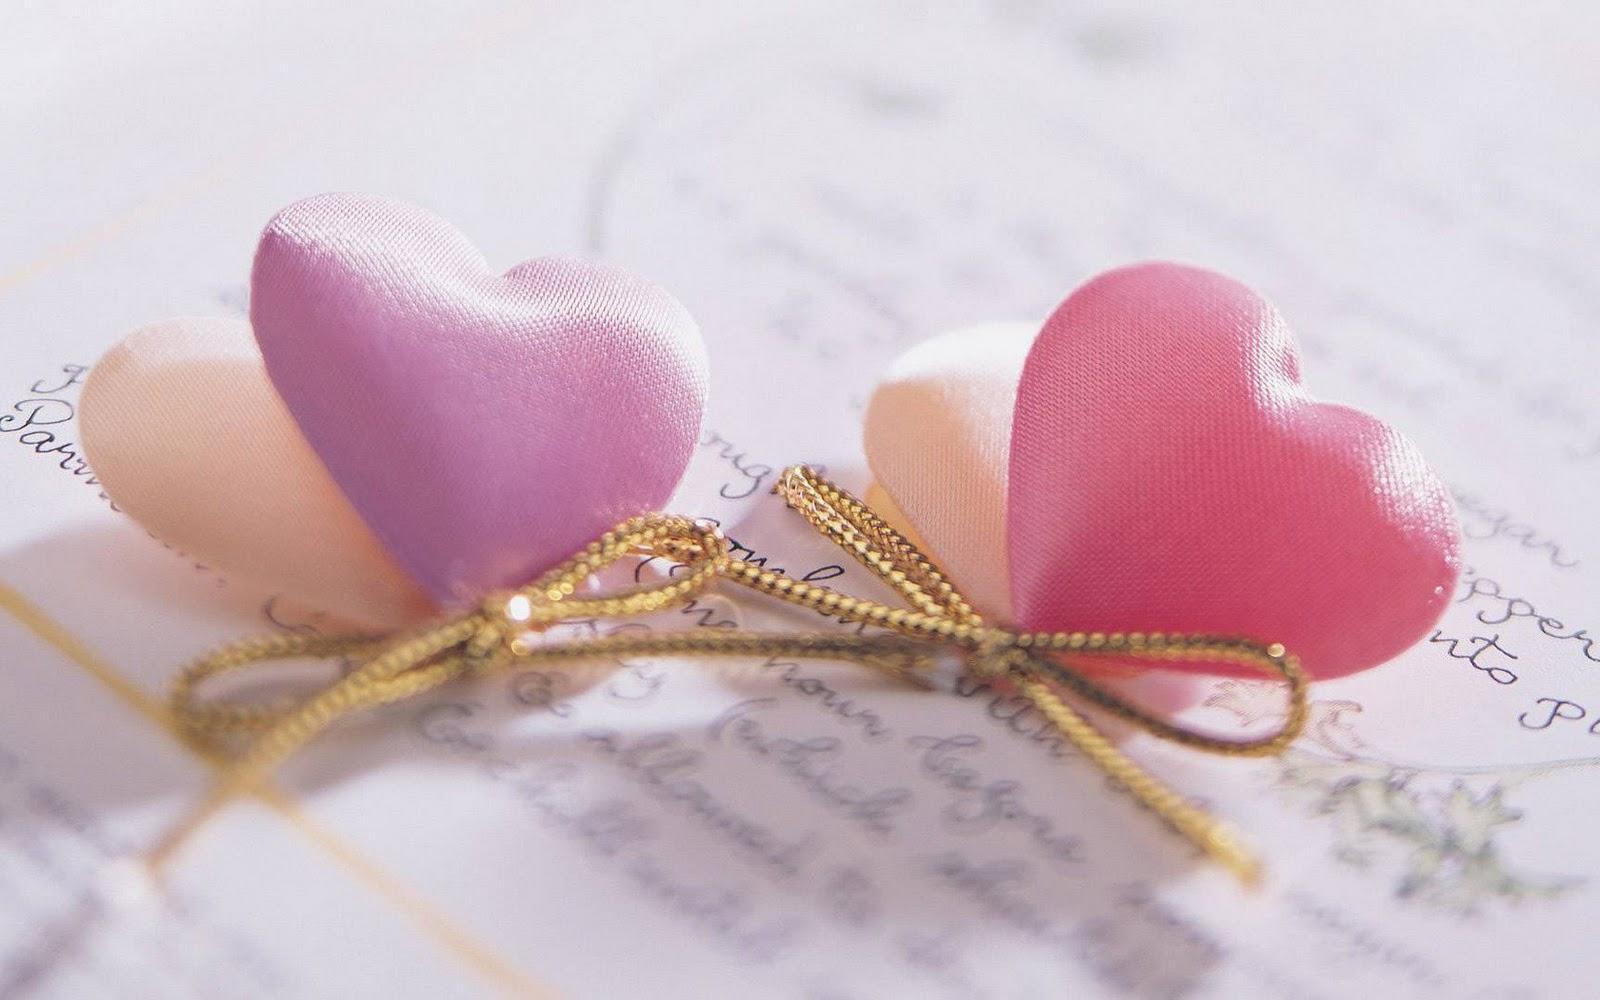 http://2.bp.blogspot.com/-pqpIq3bogUs/T-rahYIAJdI/AAAAAAAAADI/uztNbBx4alw/s1600/Love%2BLetter%2BHD%2BWallpaper%2B-%2BLoveWallpapers4u.Blogspot.Com.jpg